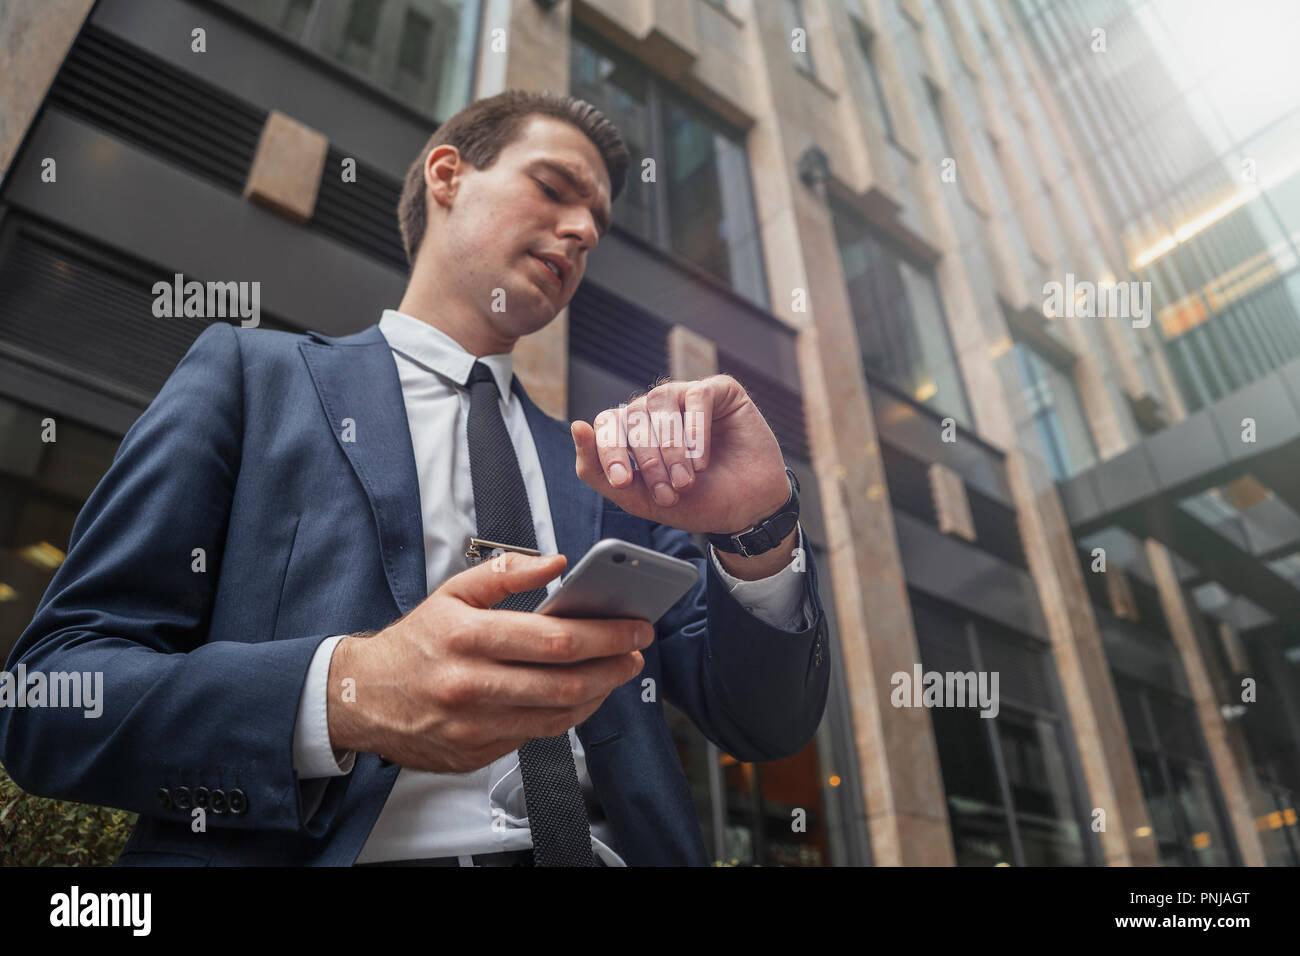 Nahaufnahme des Kaufmanns holding Handy in der Hand und Uhren. Stockbild